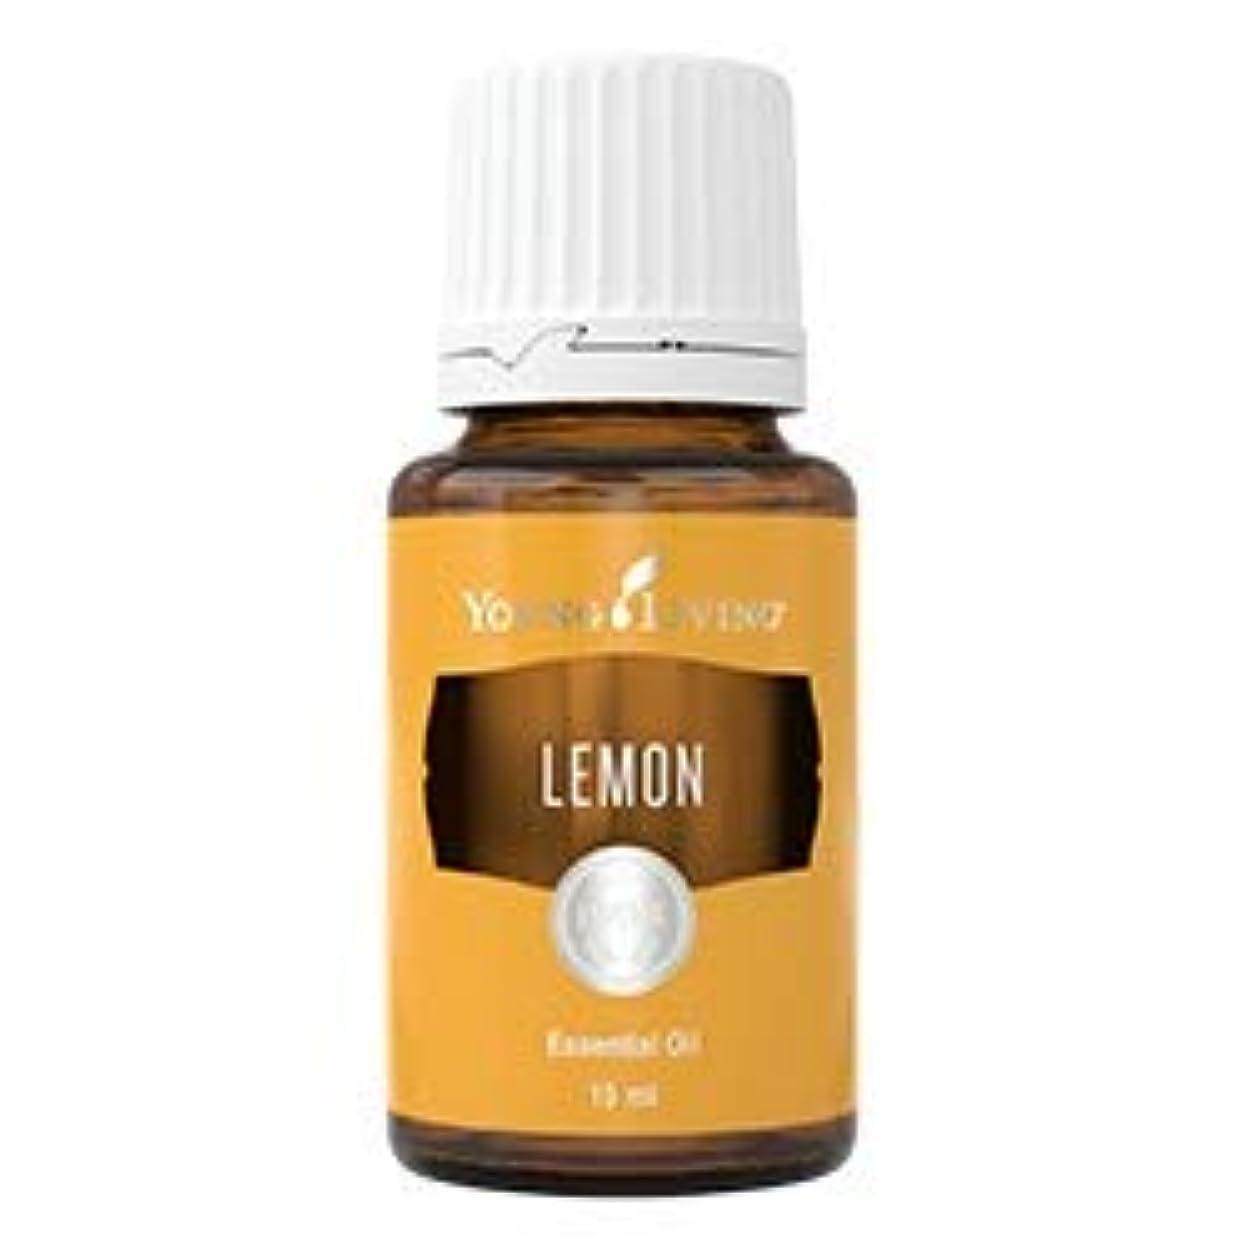 囚人砦チップレモンエッセンシャルオイル15 ml byヤングリビングエッセンシャルオイルマレーシア Lemon Essential Oil 15 ml by Young Living Essential Oil Malaysia